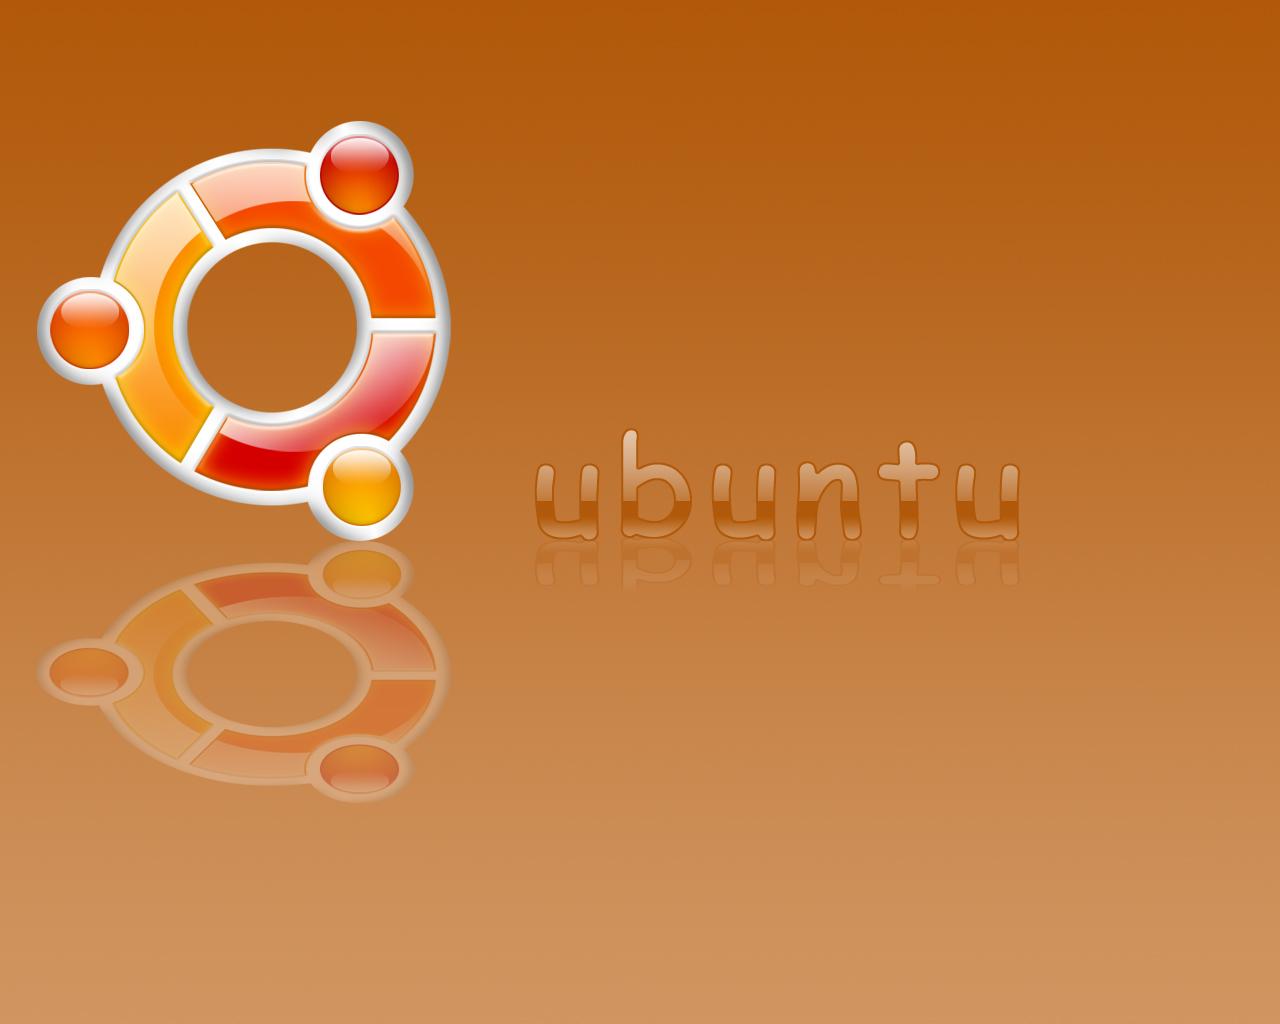 Ubuntu Crystal by fcys14